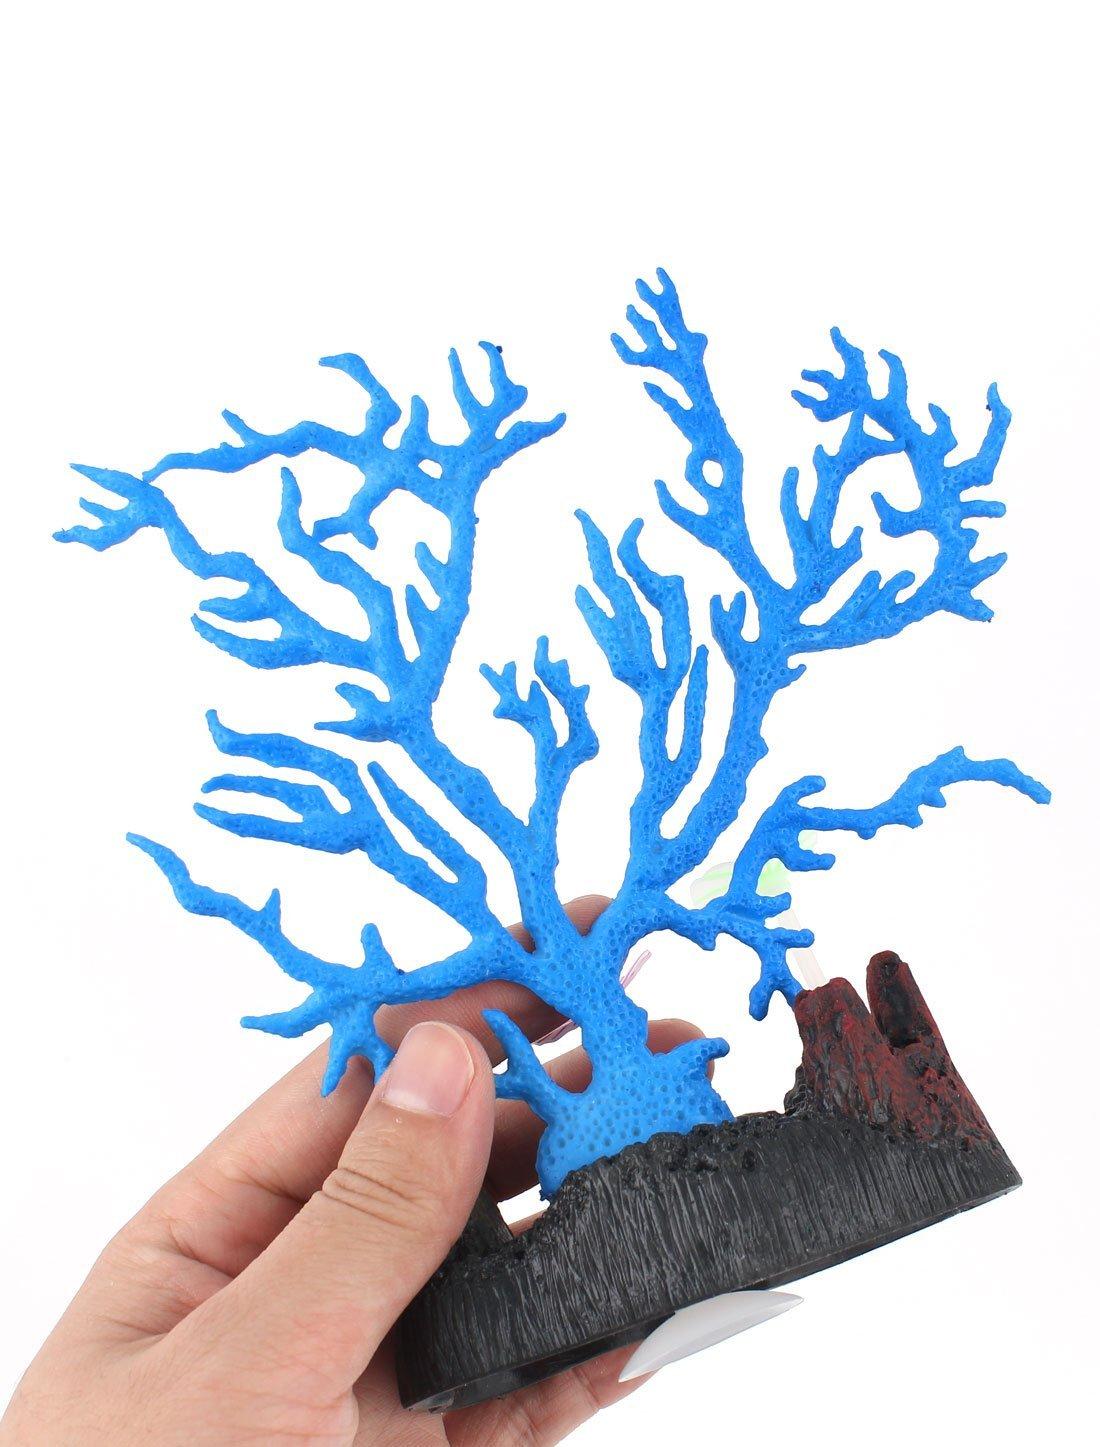 Amazon.com : eDealMax silicona TPR acuario de neón Coral Artificial Decoración Azul 16 cm de Alto : Pet Supplies